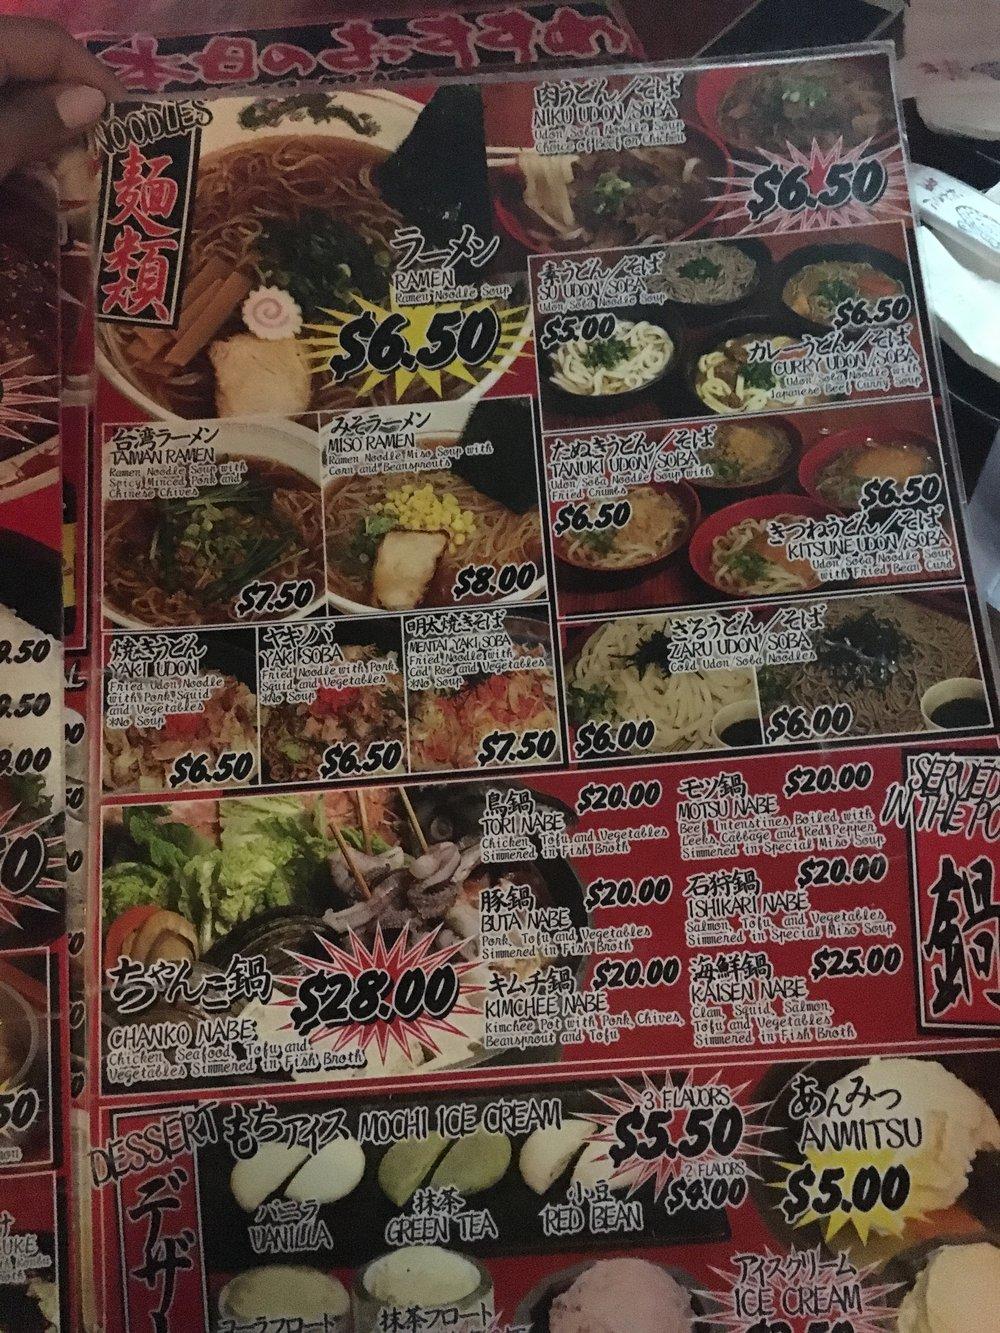 The menu at   Kenka